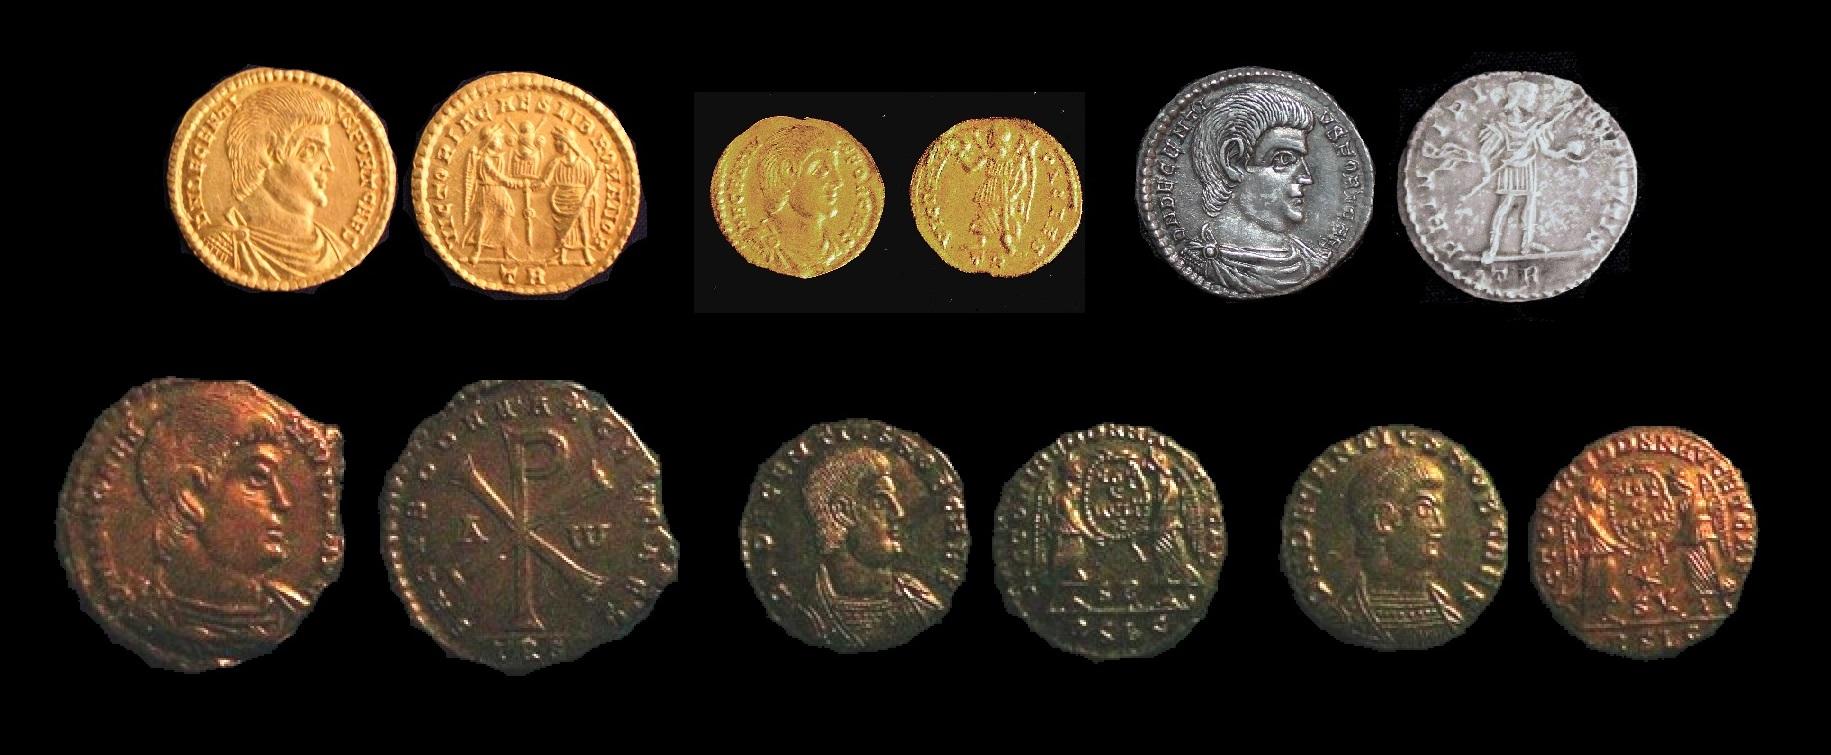 DECENTIUS Caesar   (brother Magnentius) DENOMINATIONS